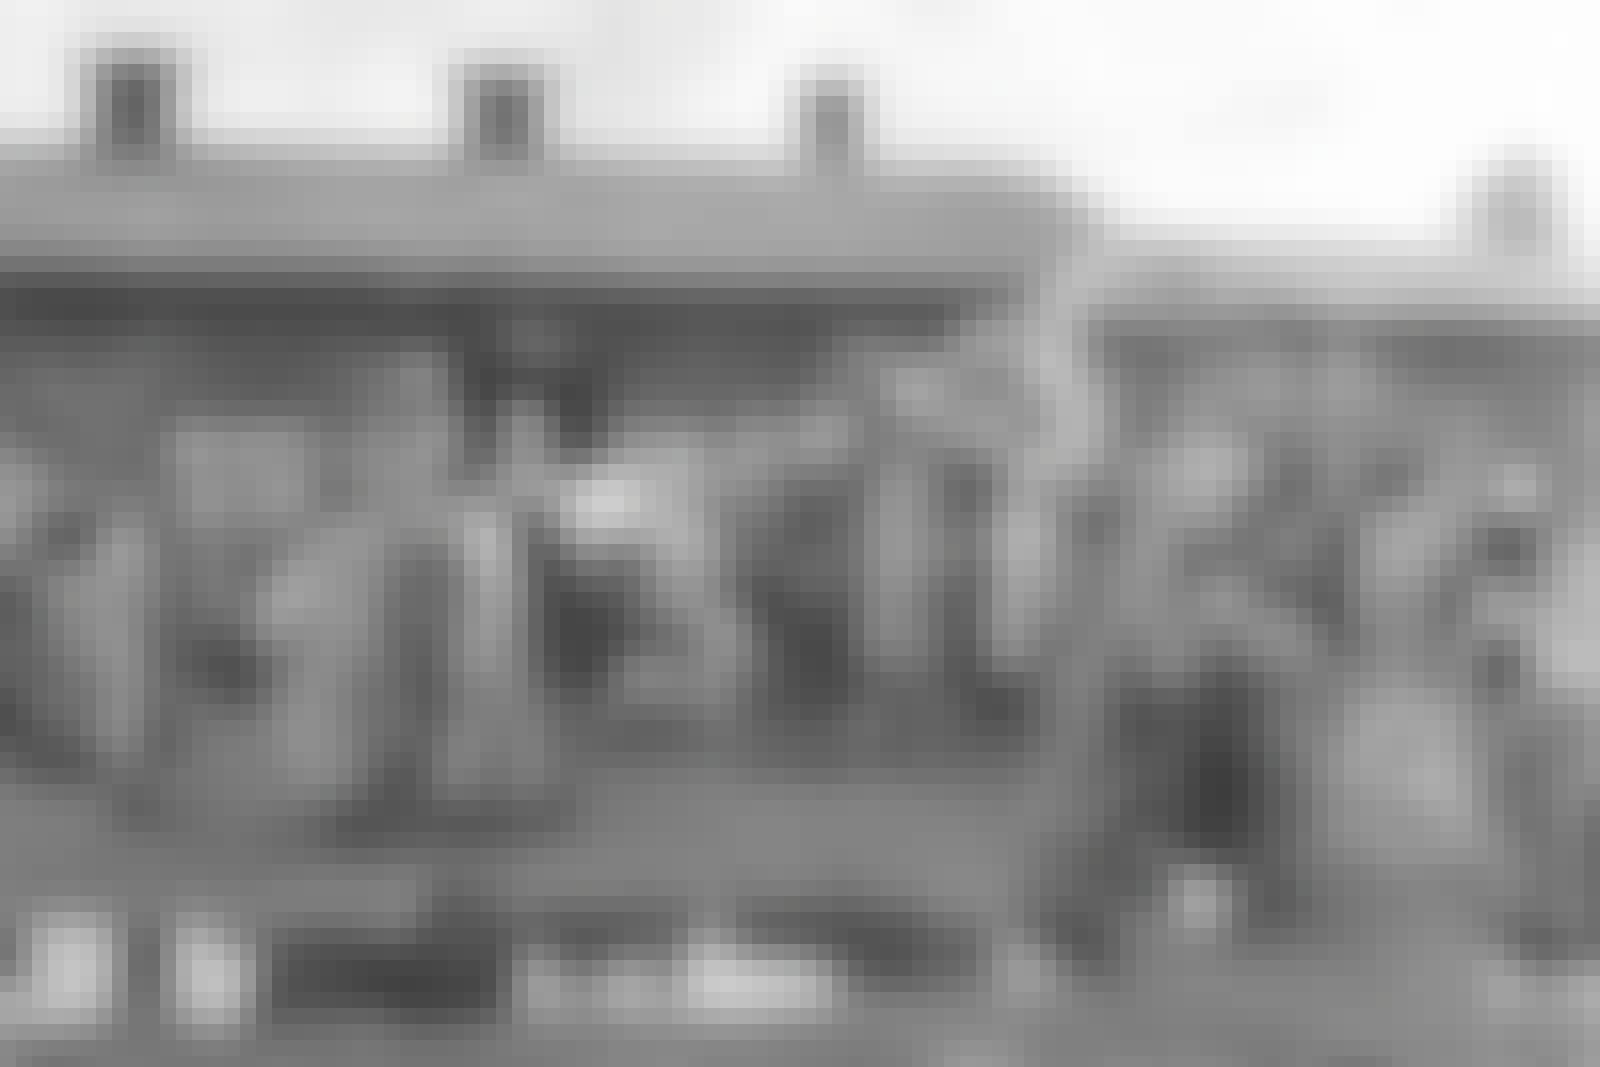 Konsentrationsleir Bergen Belsen